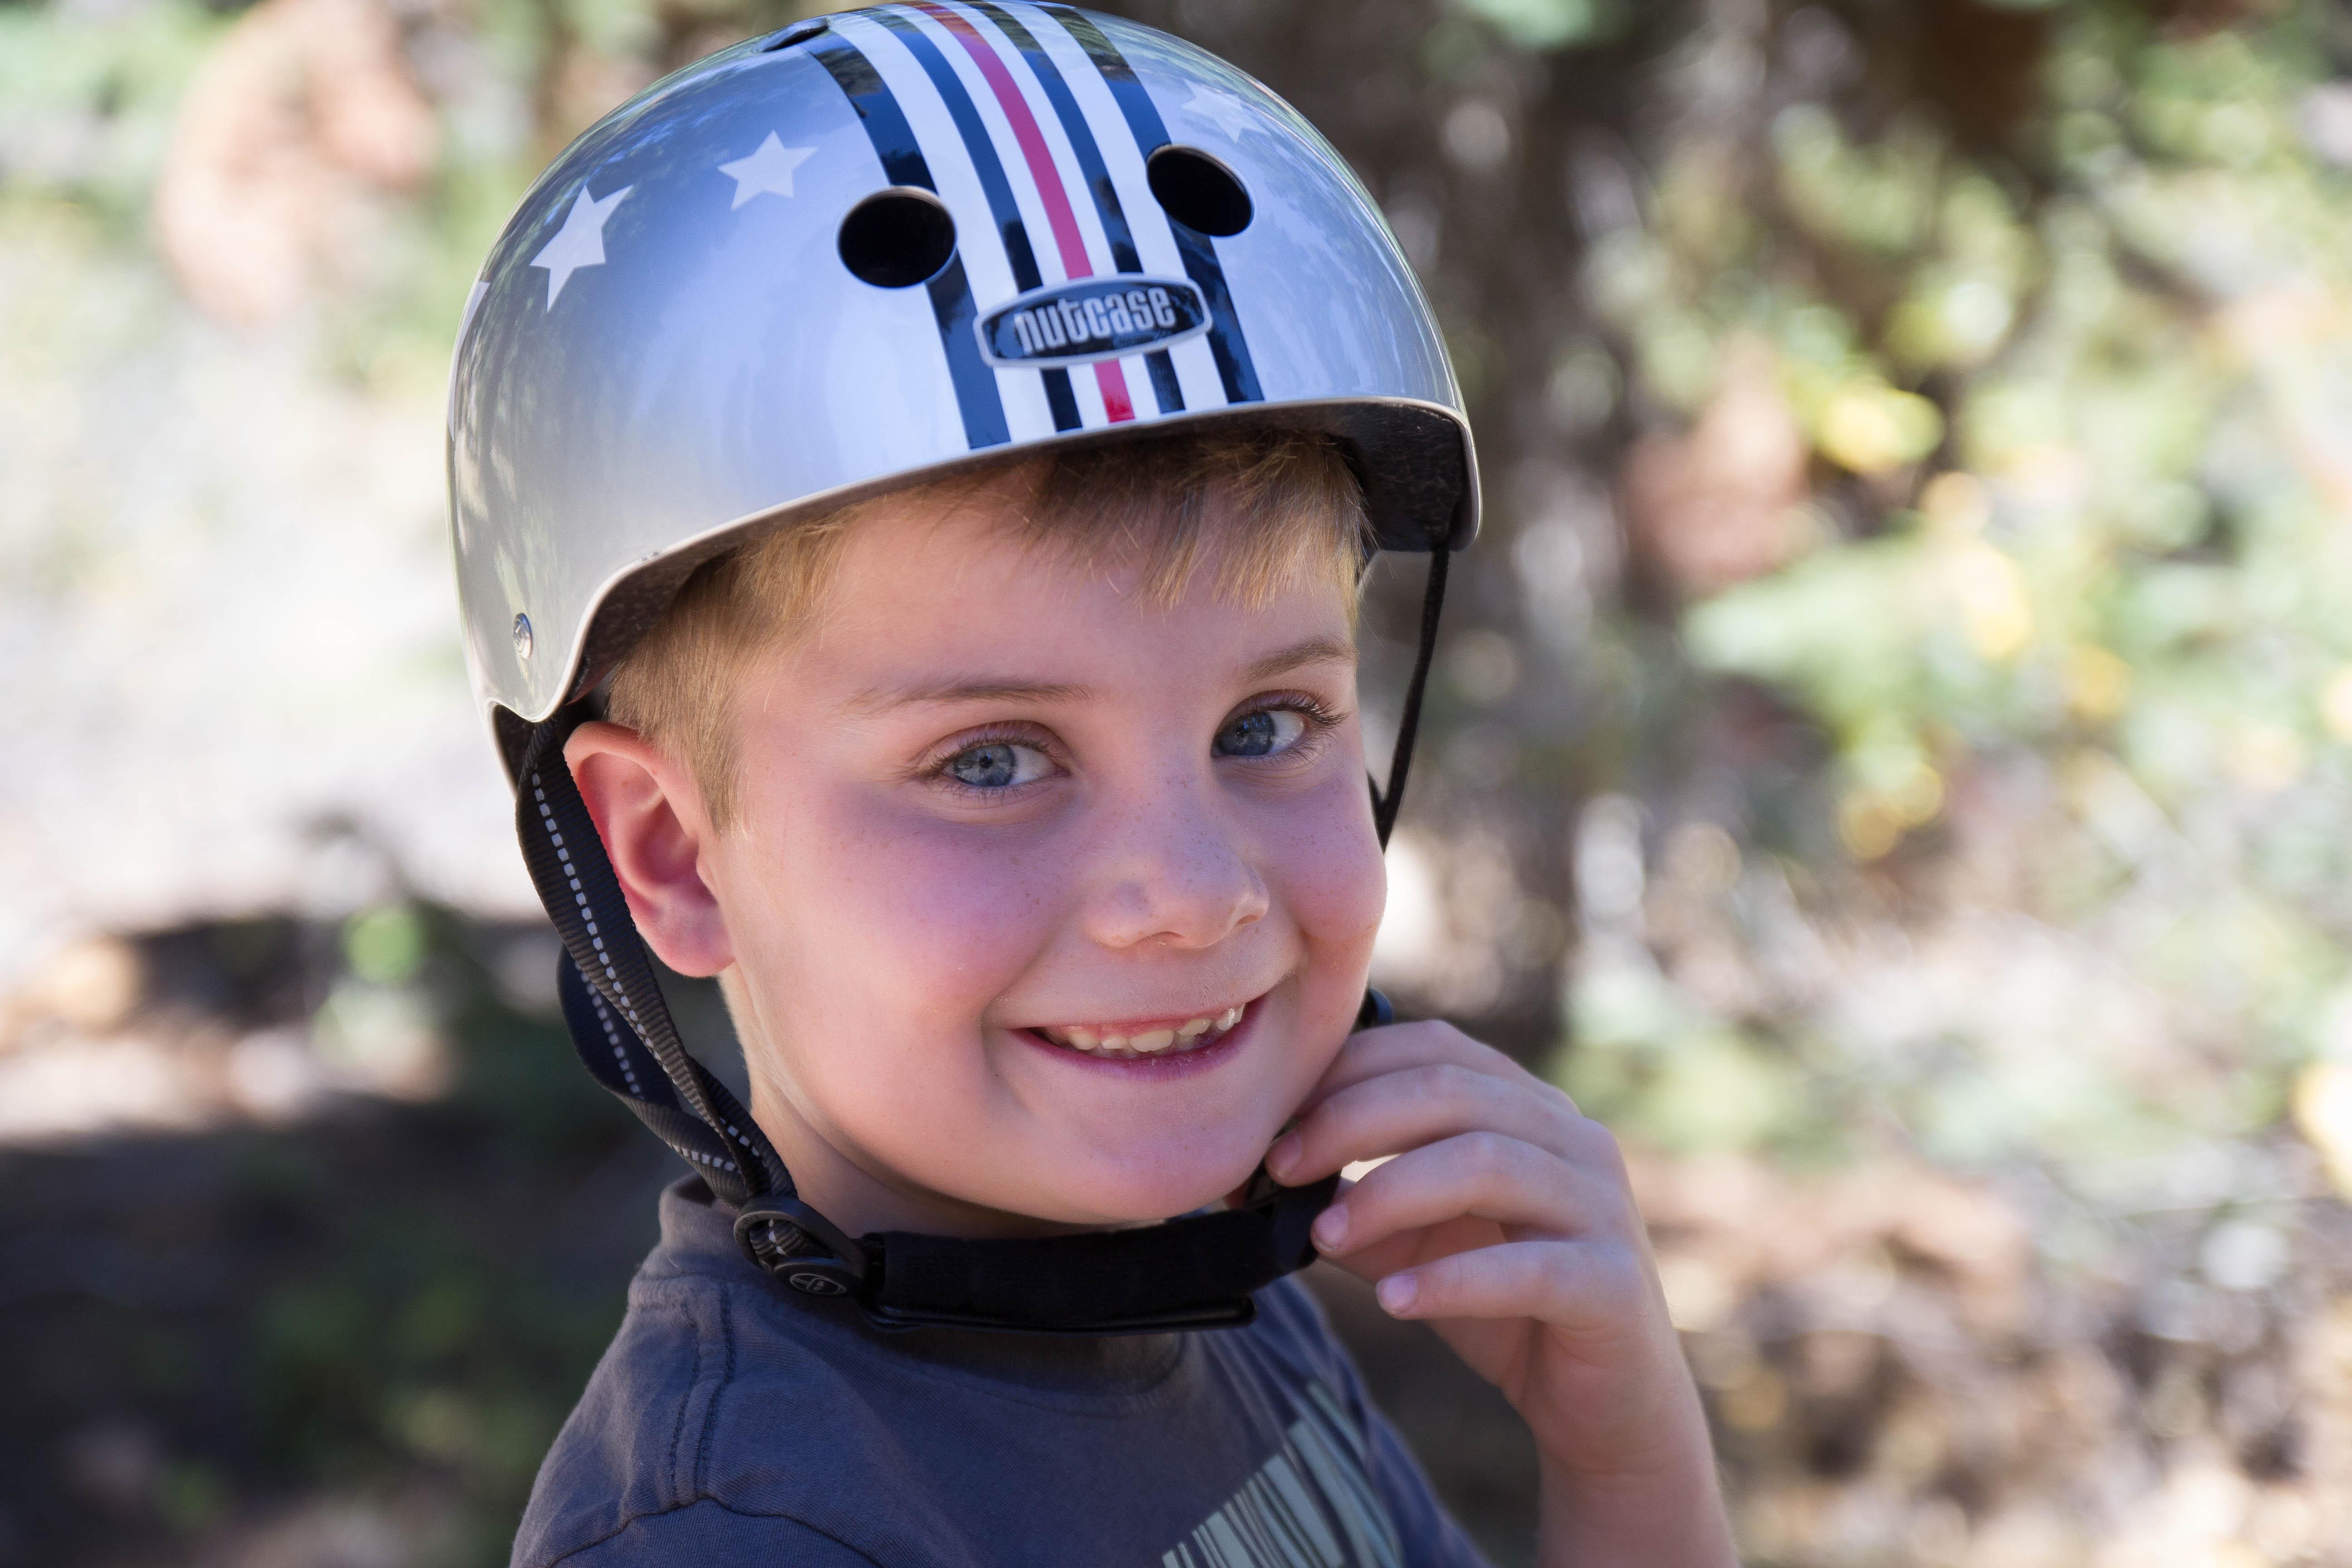 Little Nutty Nutcase Helmet full res